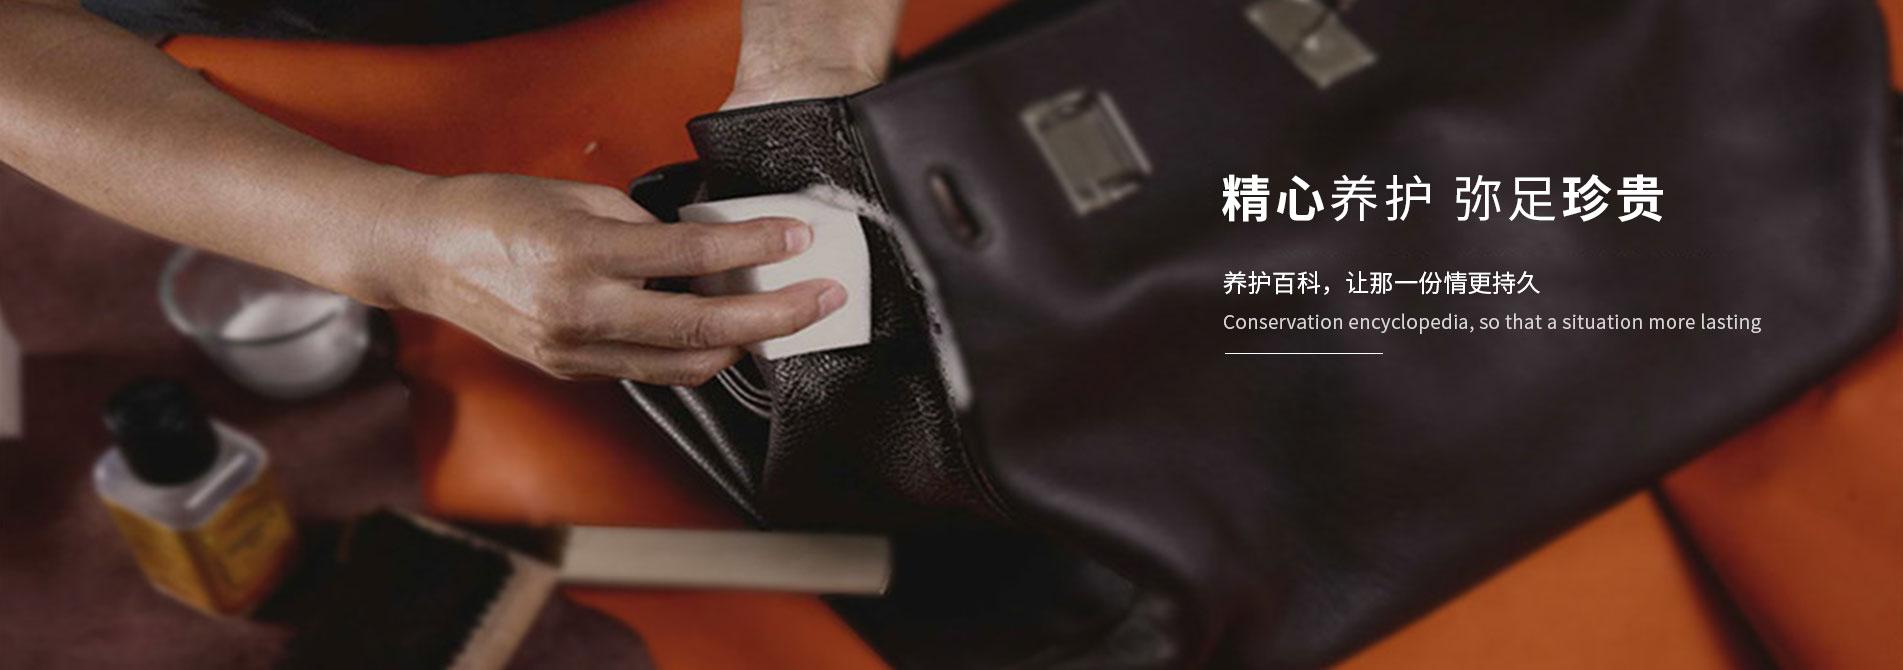 上海翰绣服装技术有限公司